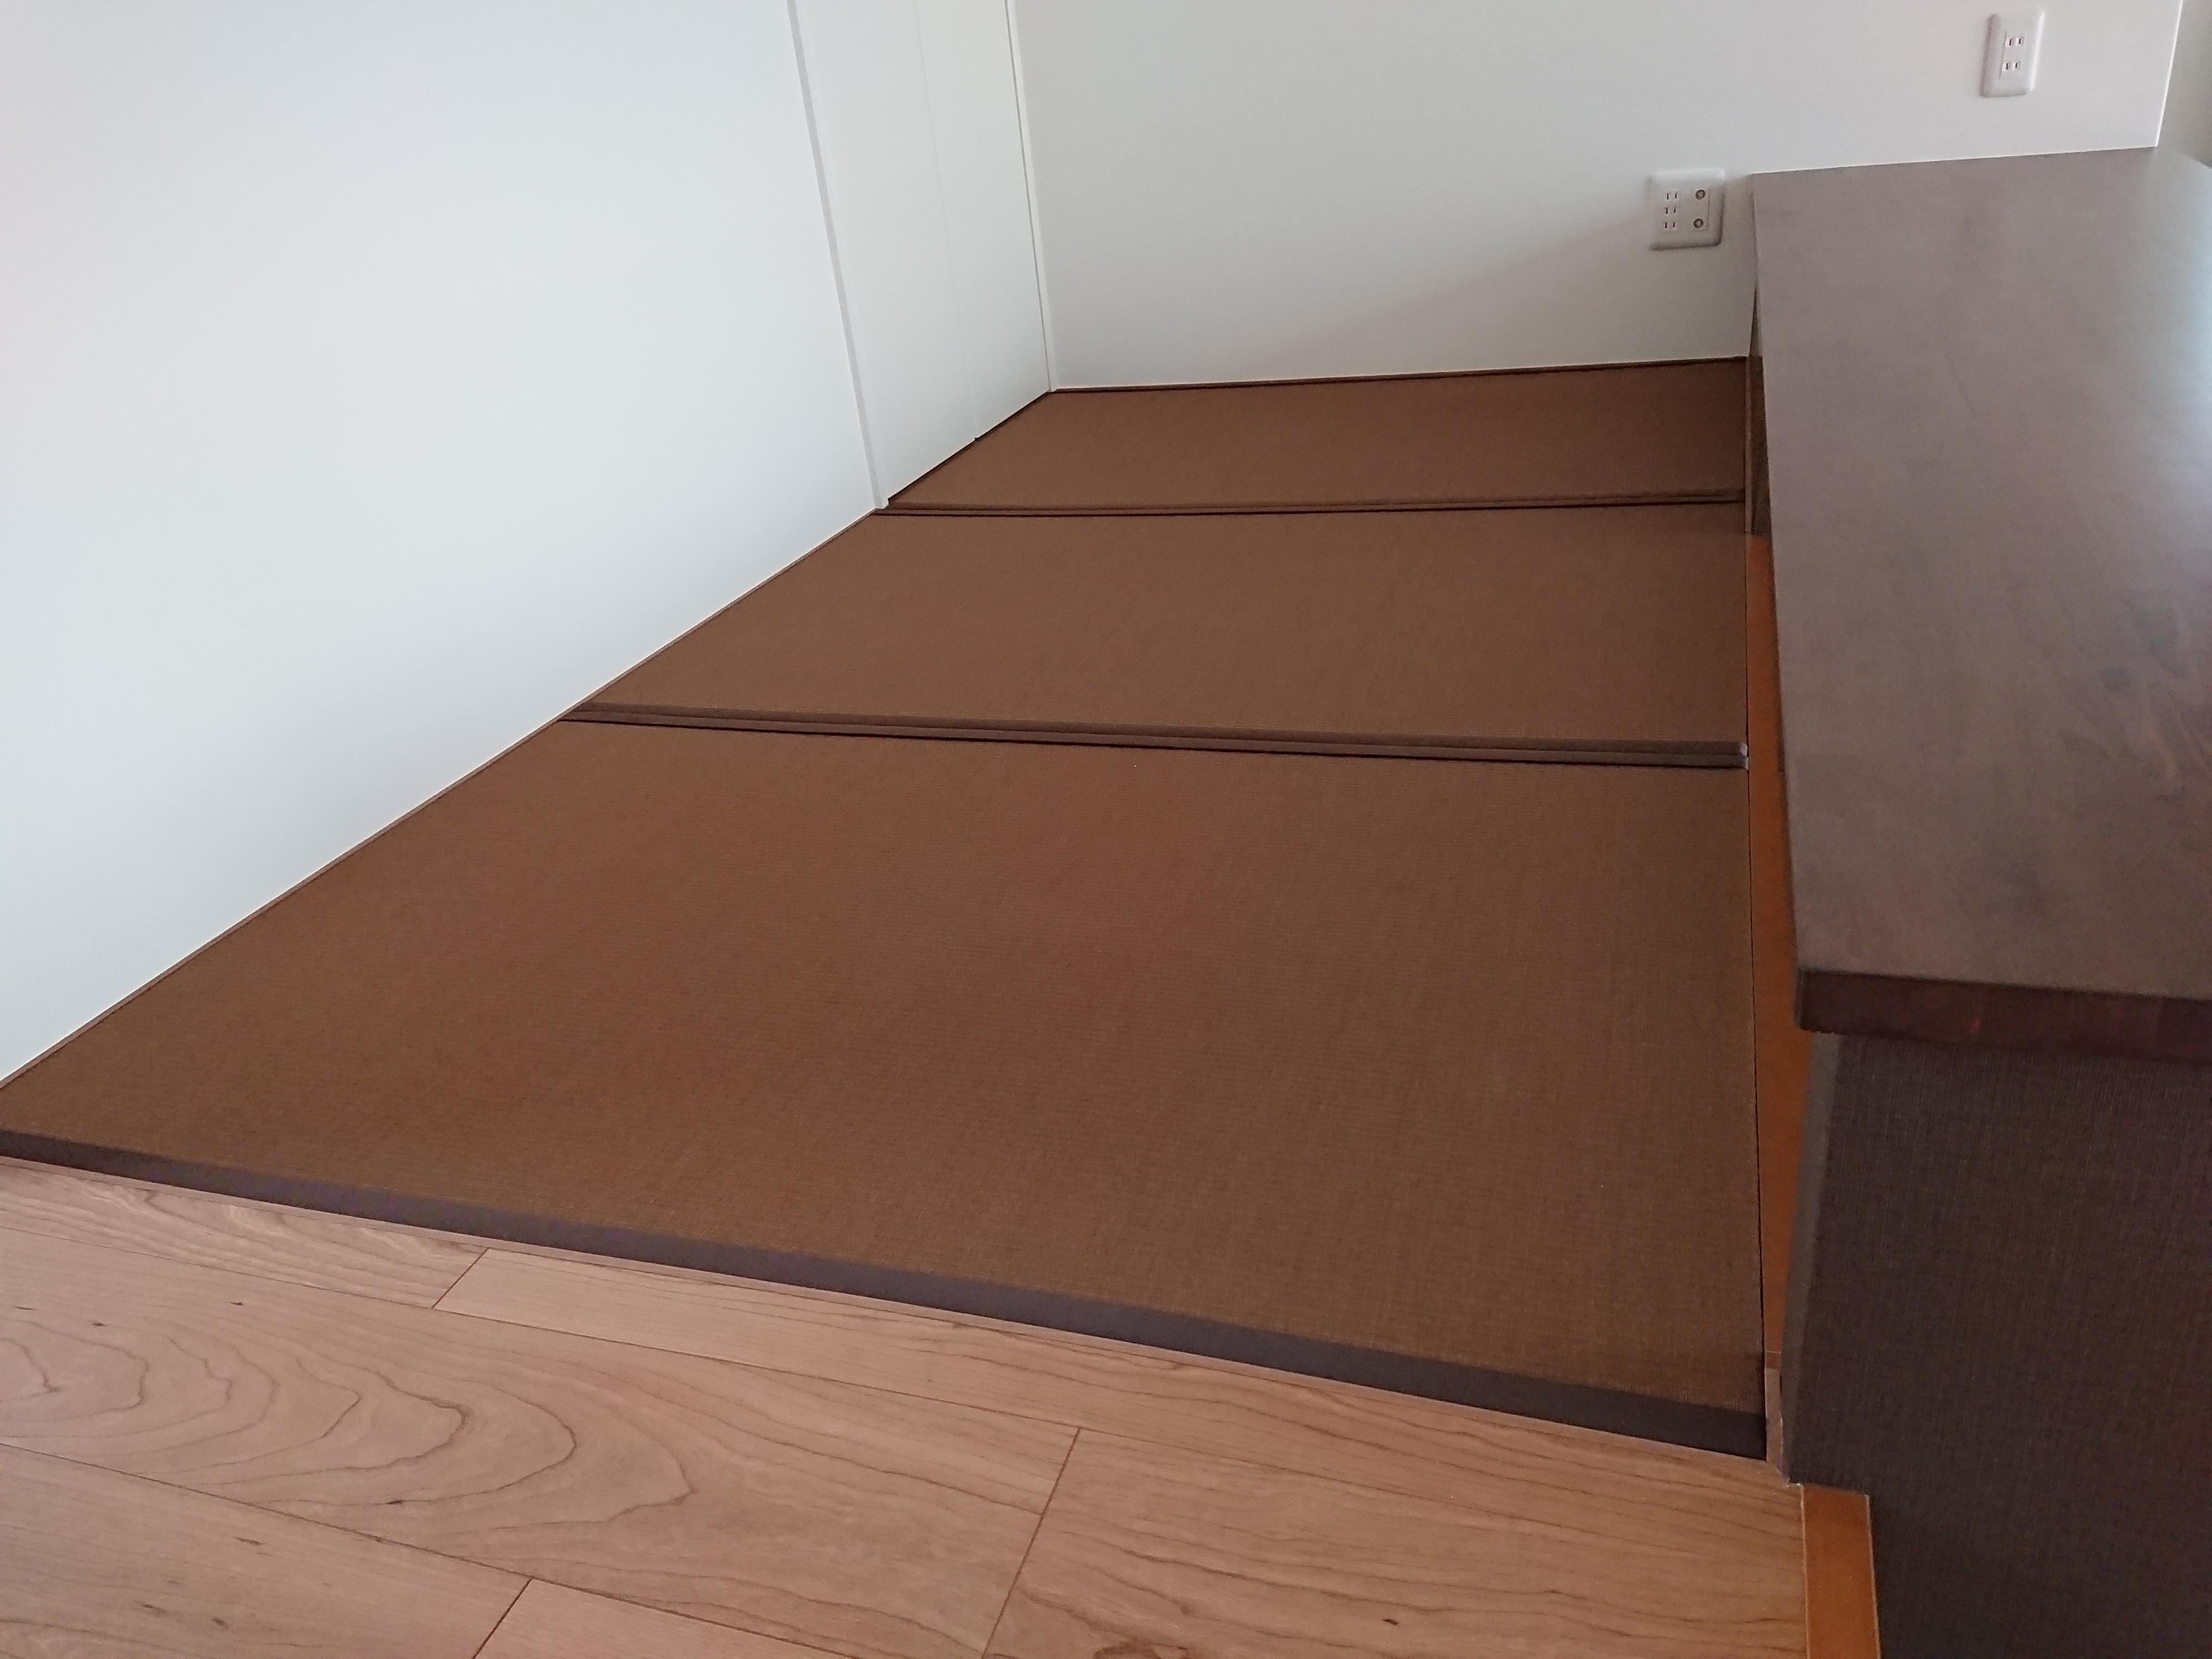 新築です、小上がり畳コーナーです。美草畳表使用です。